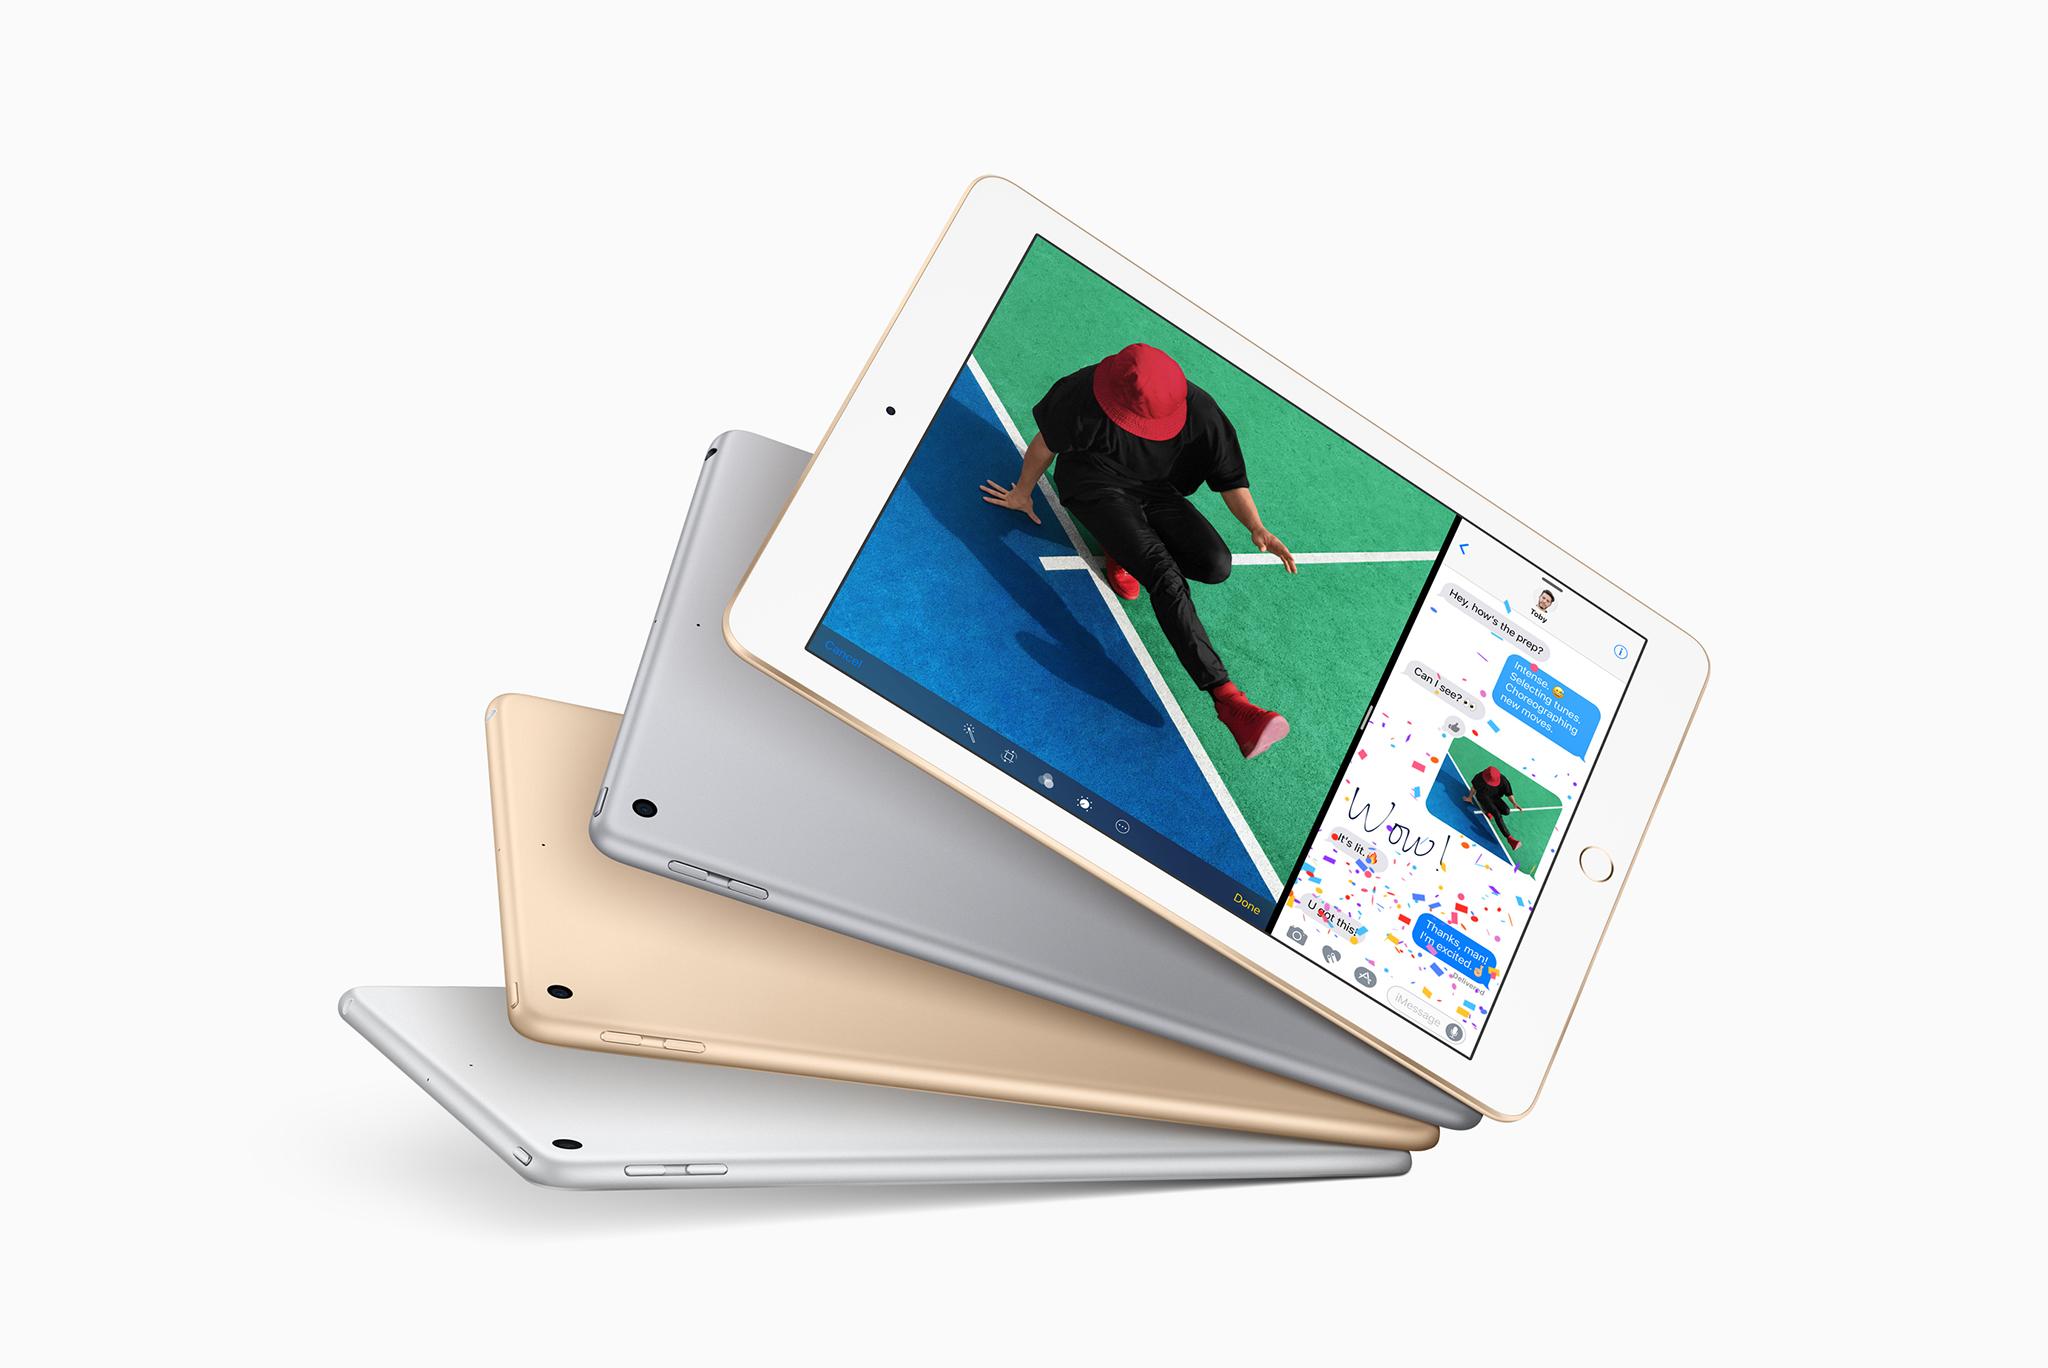 새로운 9.7인치 iPad 발표